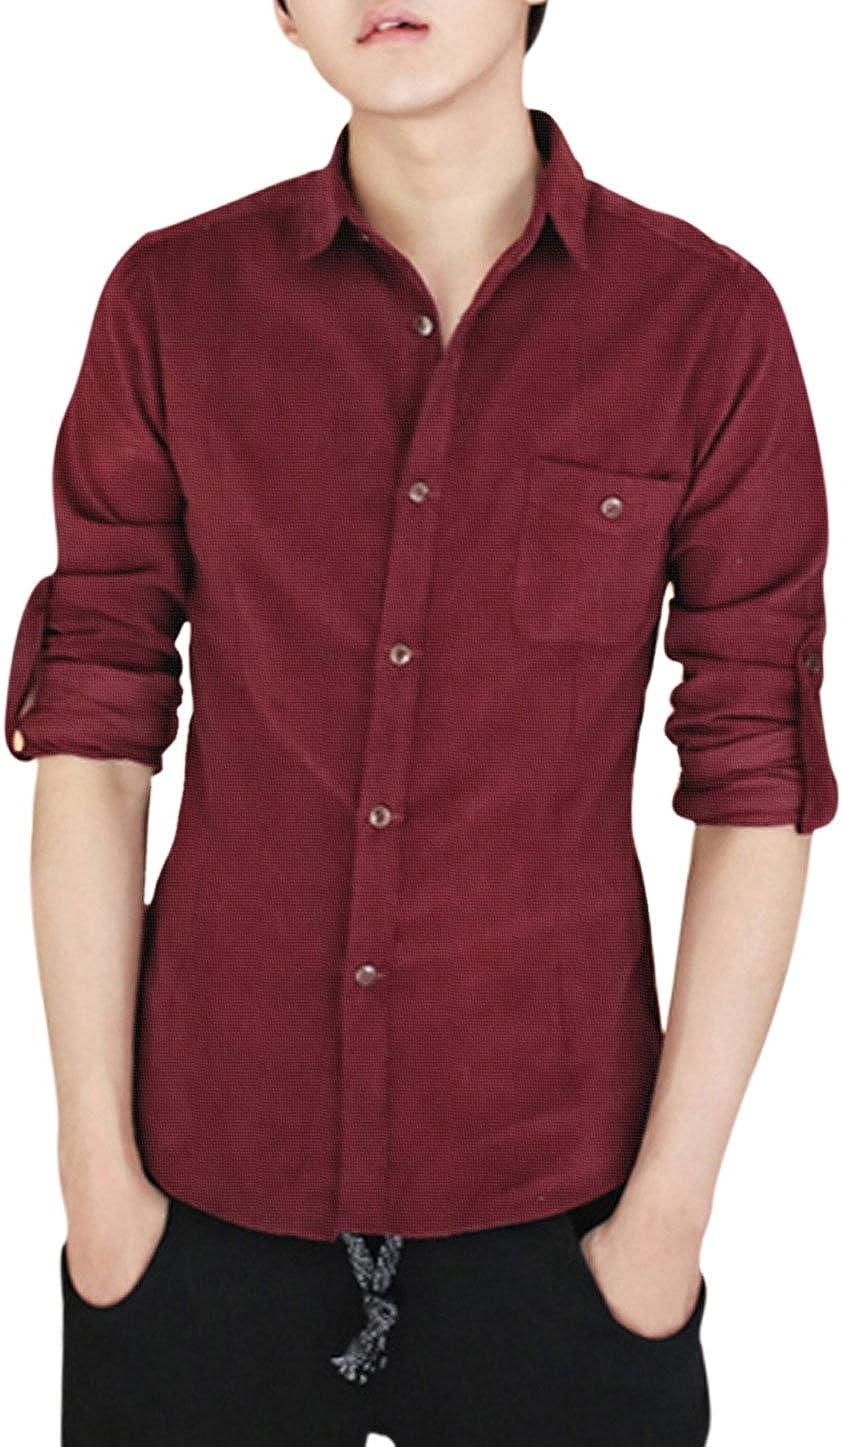 Sourcingmap – Hombres Slim Fit botón Cierre Punto Cuello Camisa de Pana: Amazon.es: Ropa y accesorios